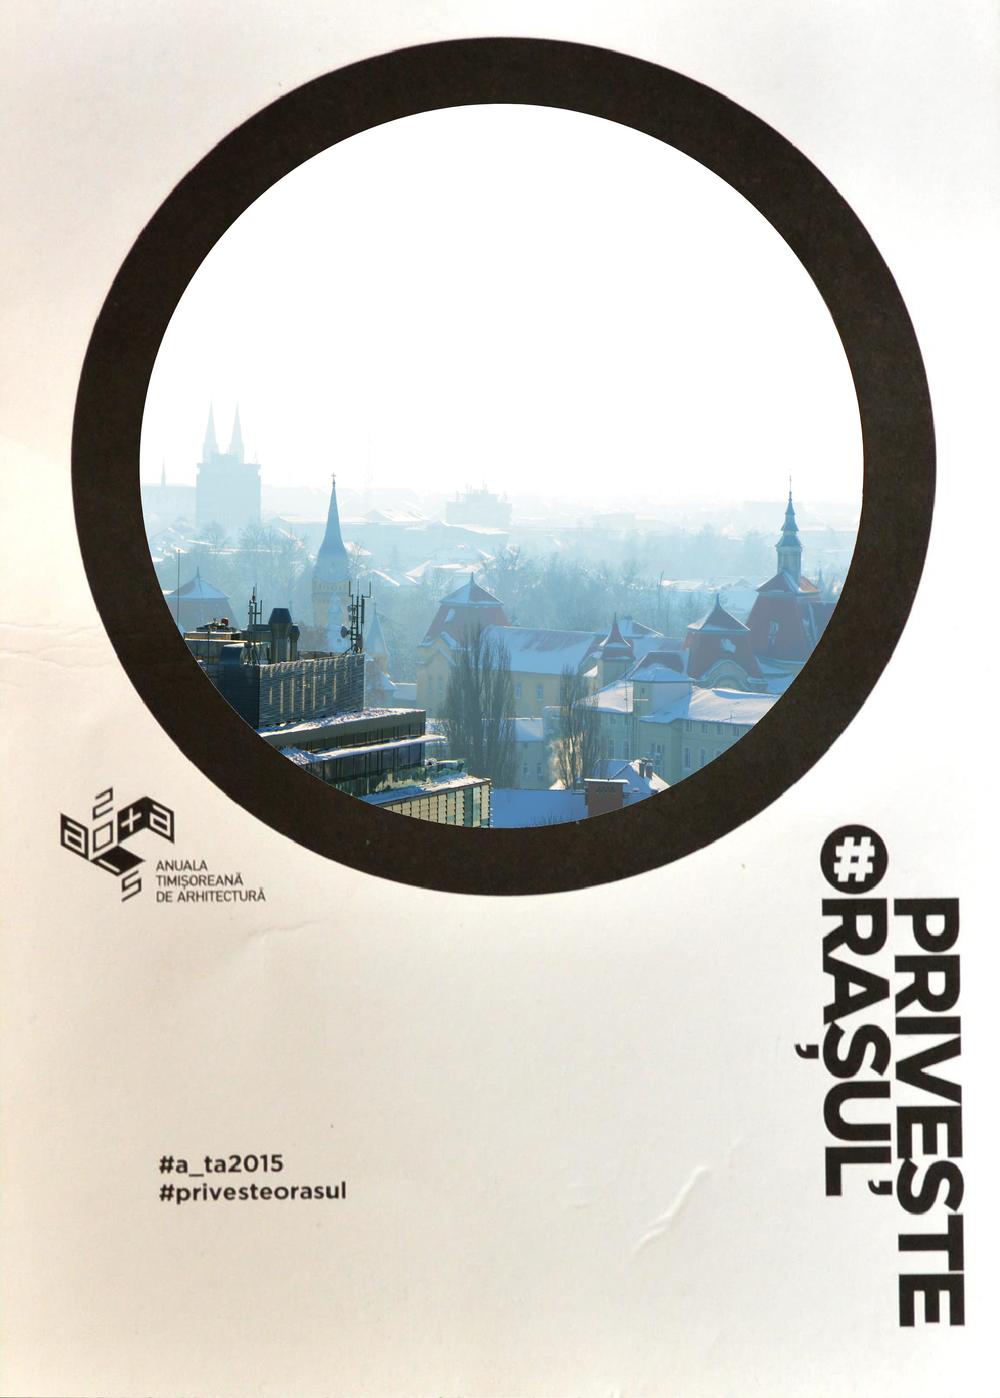 INV34 / Ana Ionescu / mesaj:Locuri din care putem privi orașul în ansamblu. Orizontul urban ar putea fi mai ușor accesibil dacă am avea mai multe spații publice la înălțime